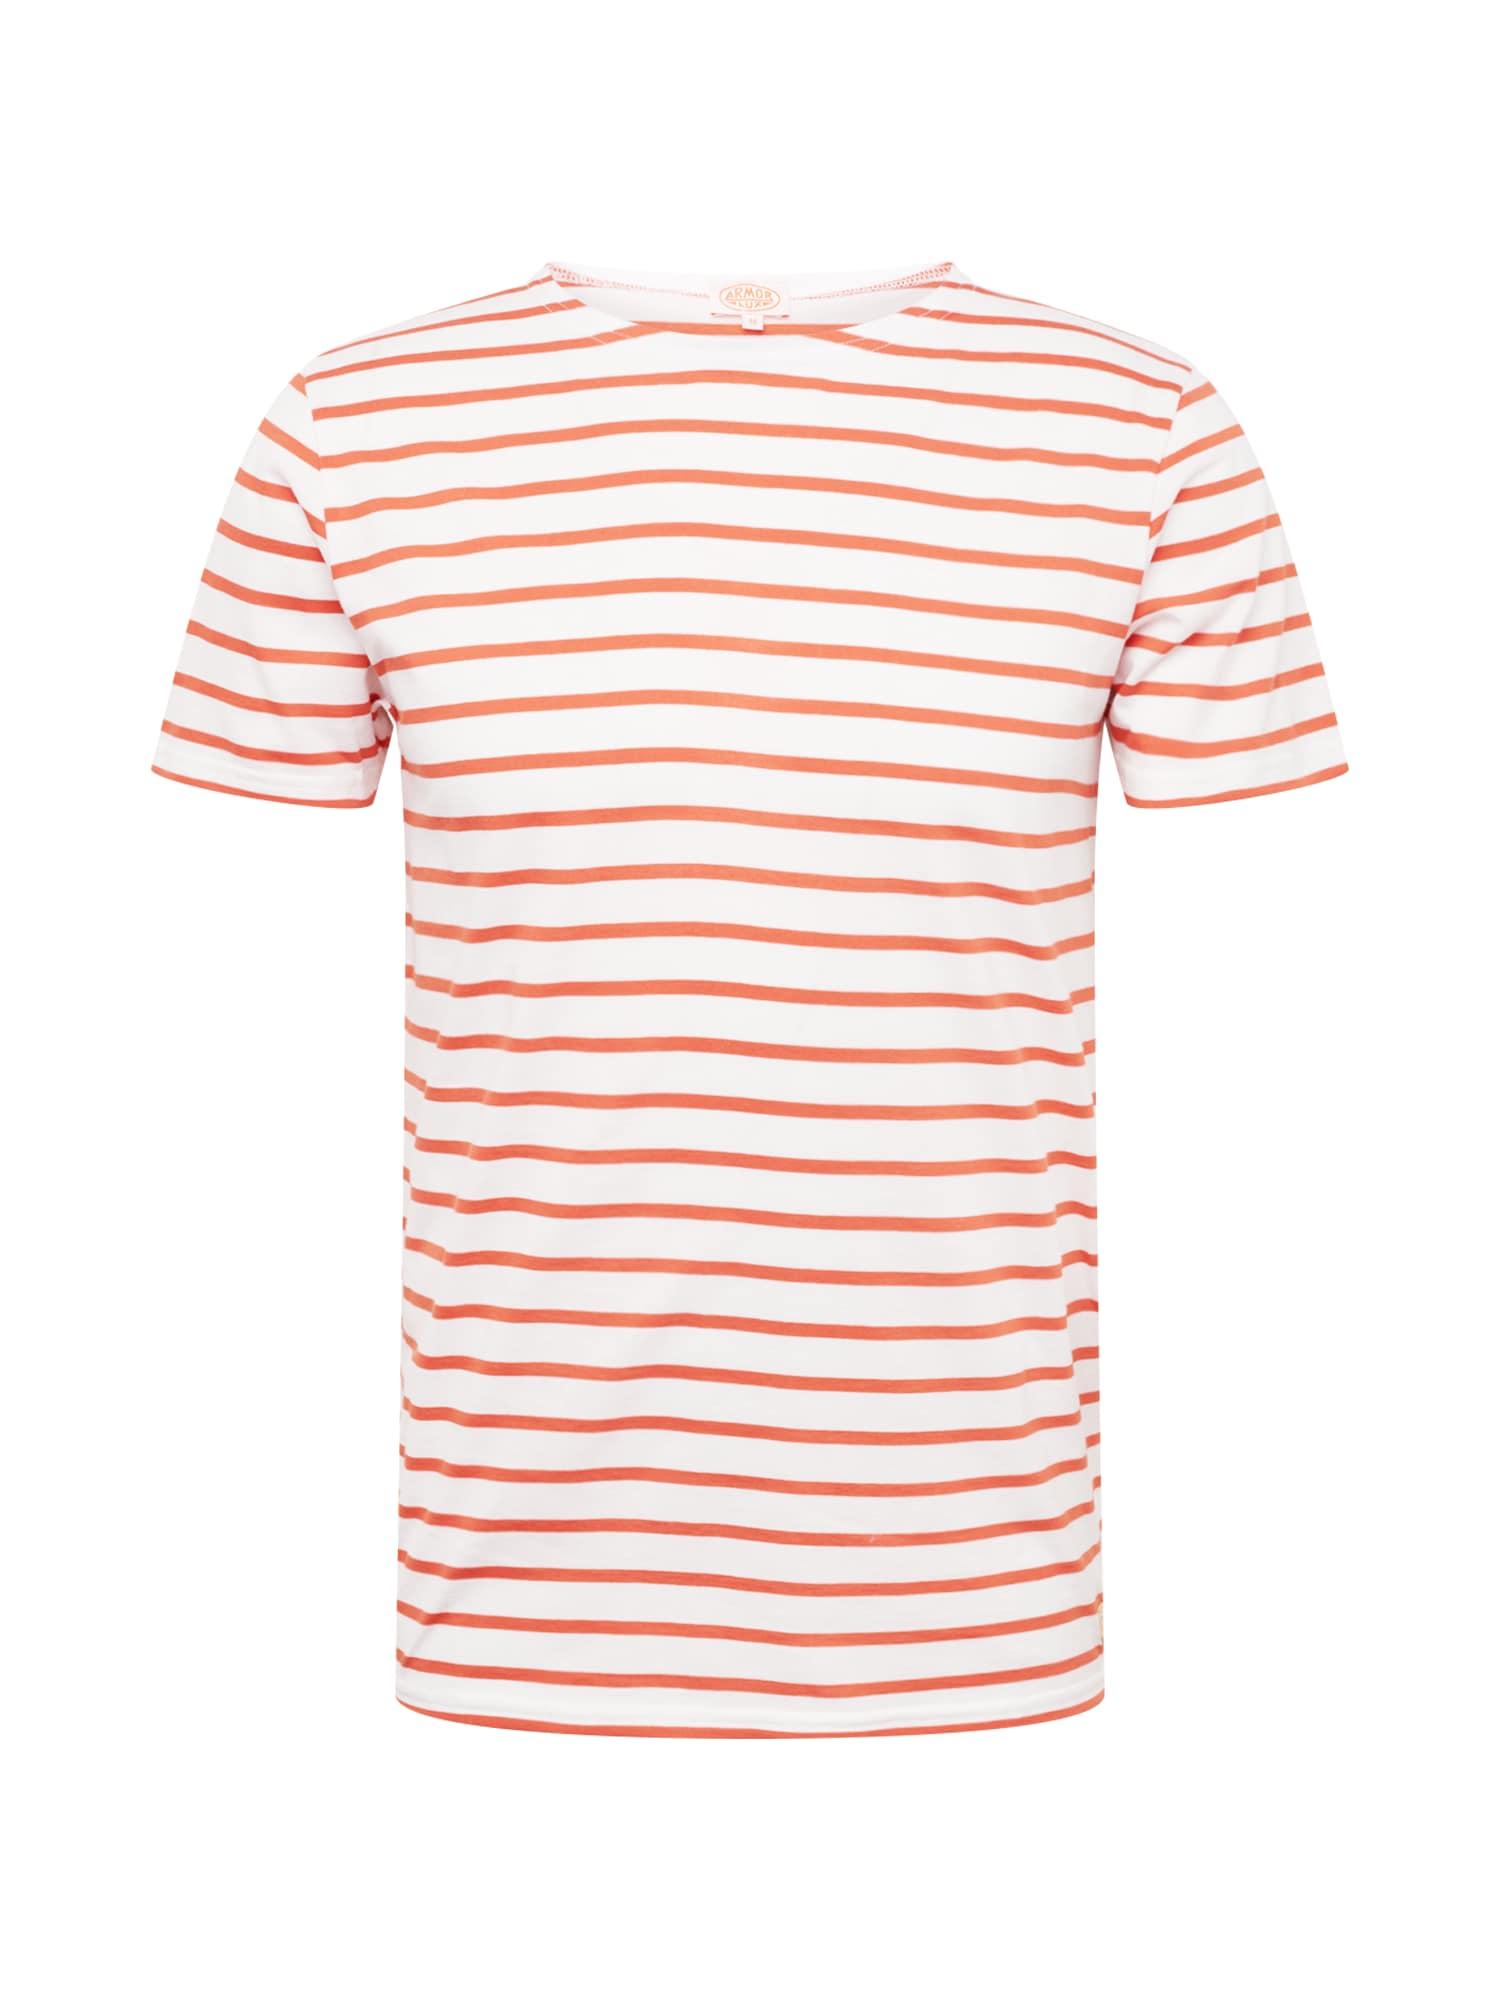 Tričko Hoëdic oranžová přírodní bílá Armor Lux